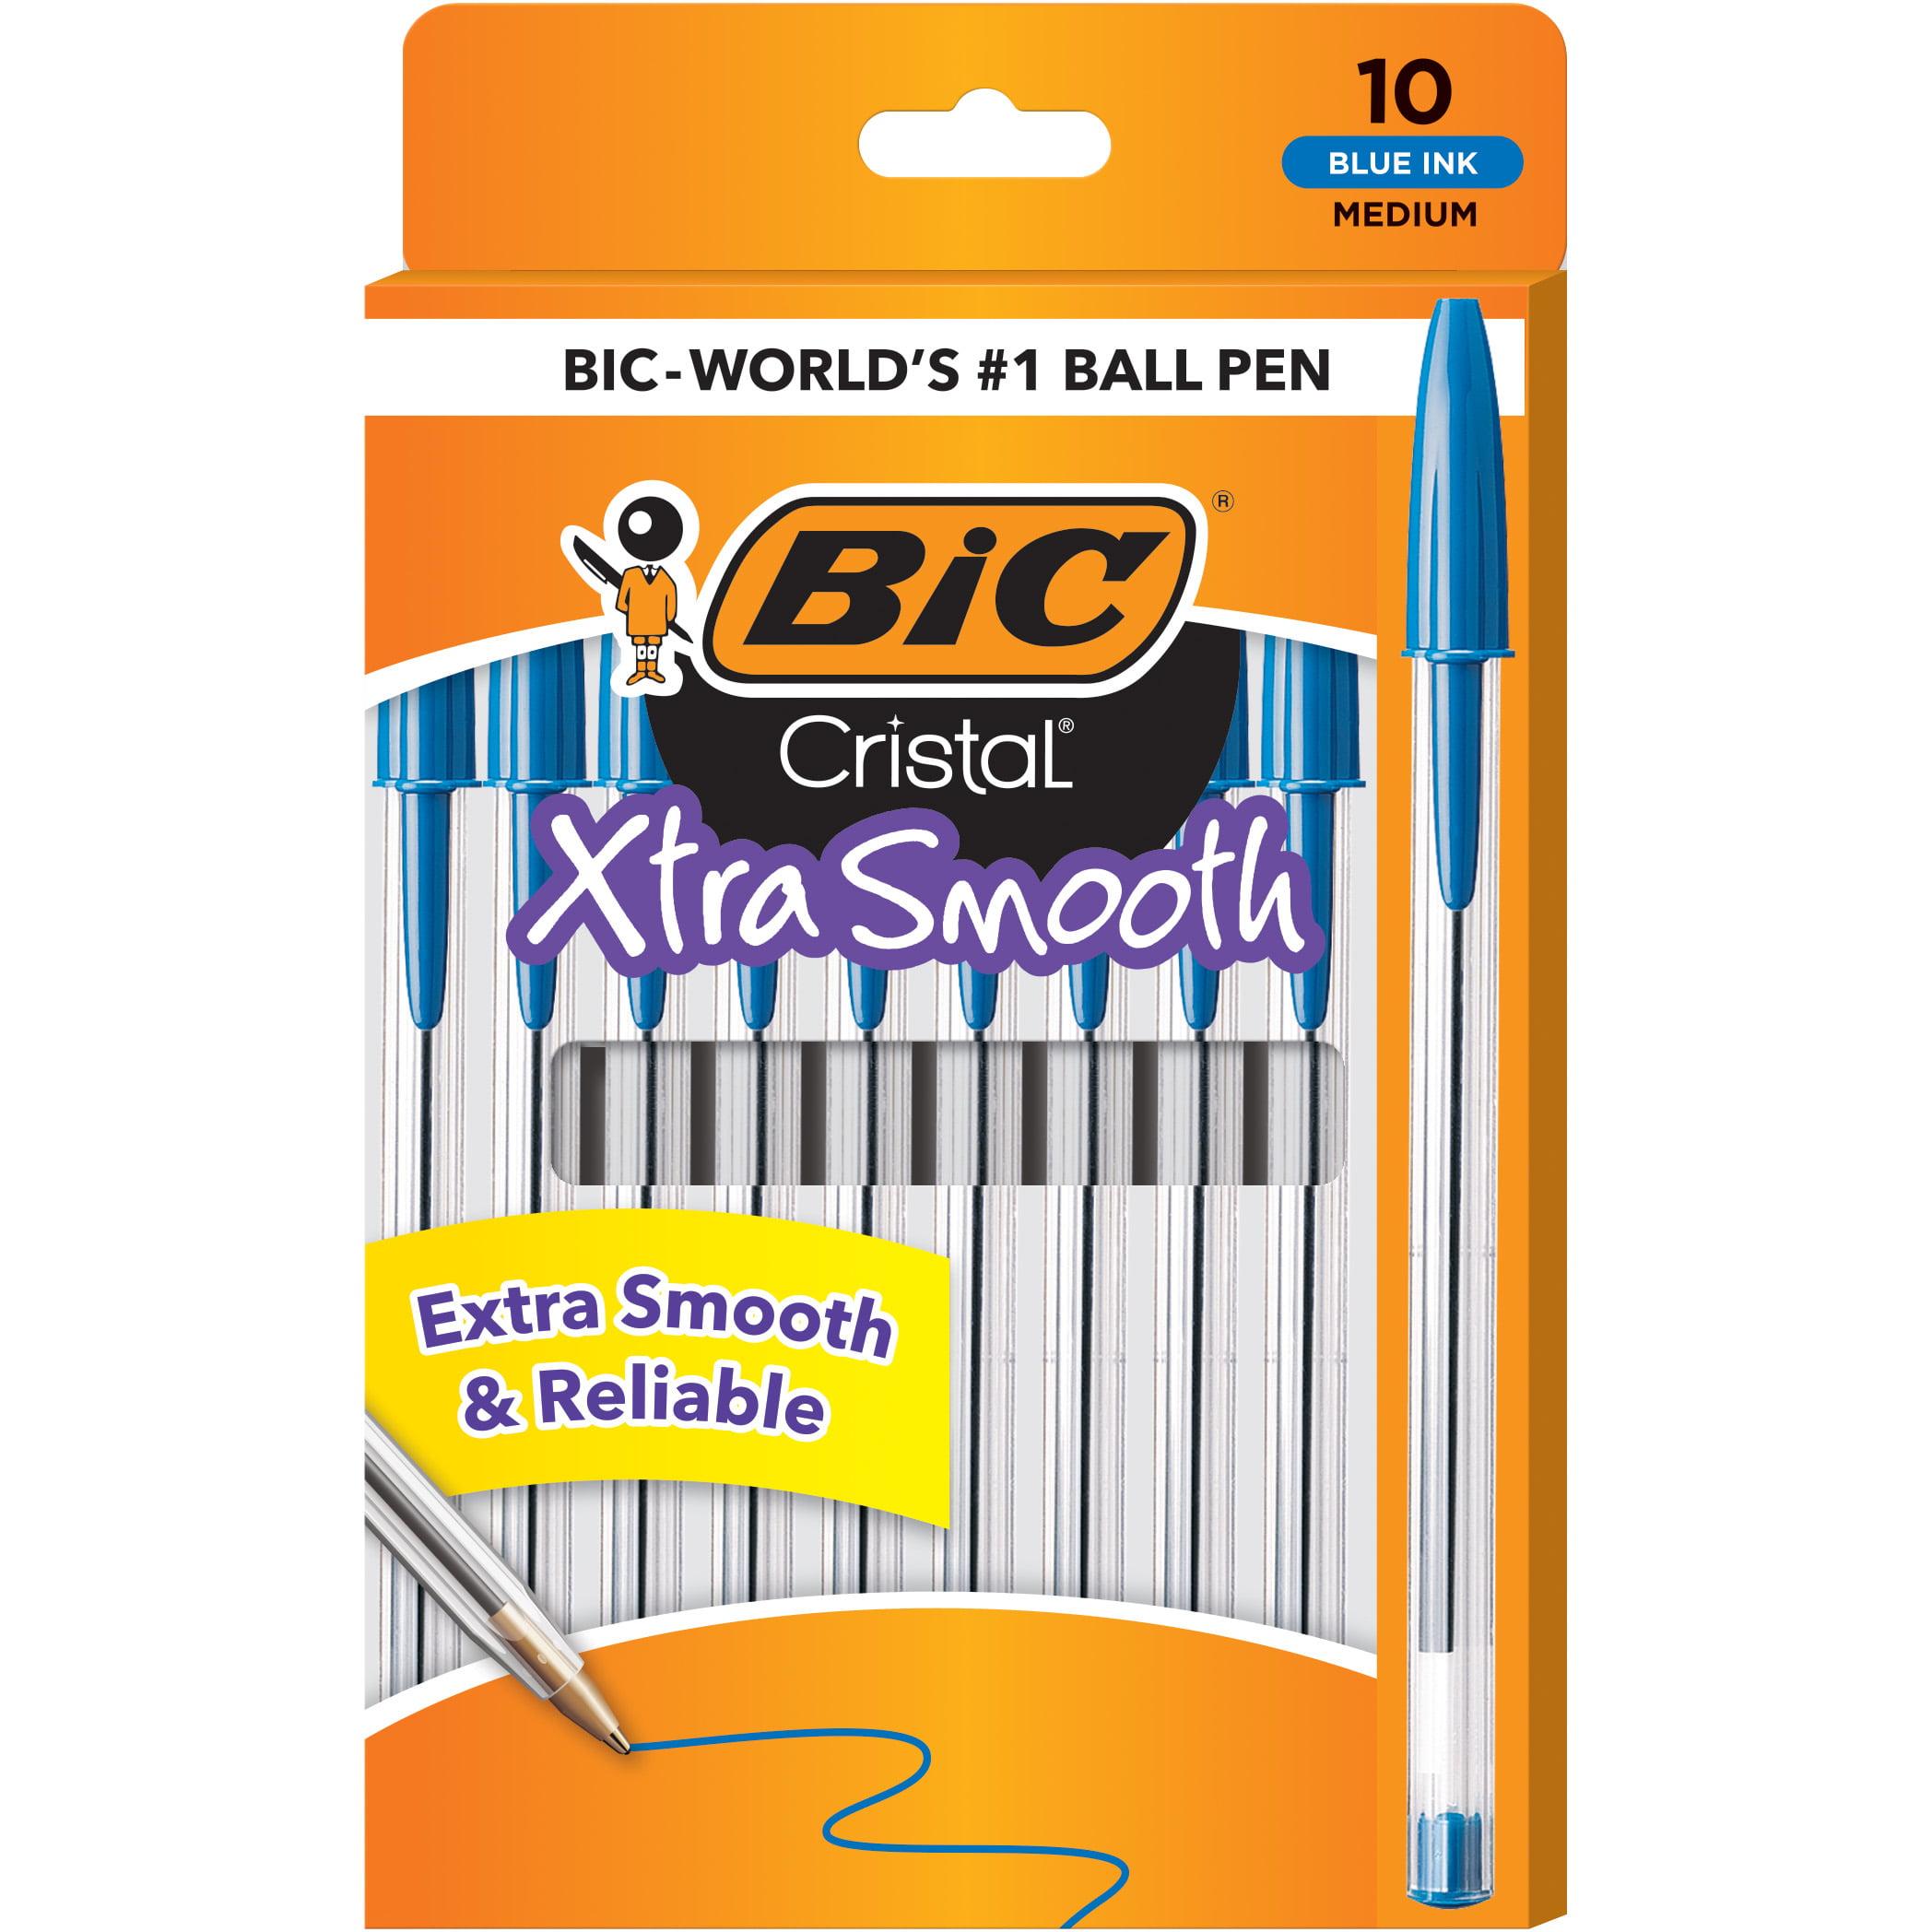 BIC Cristal 10pk Blue